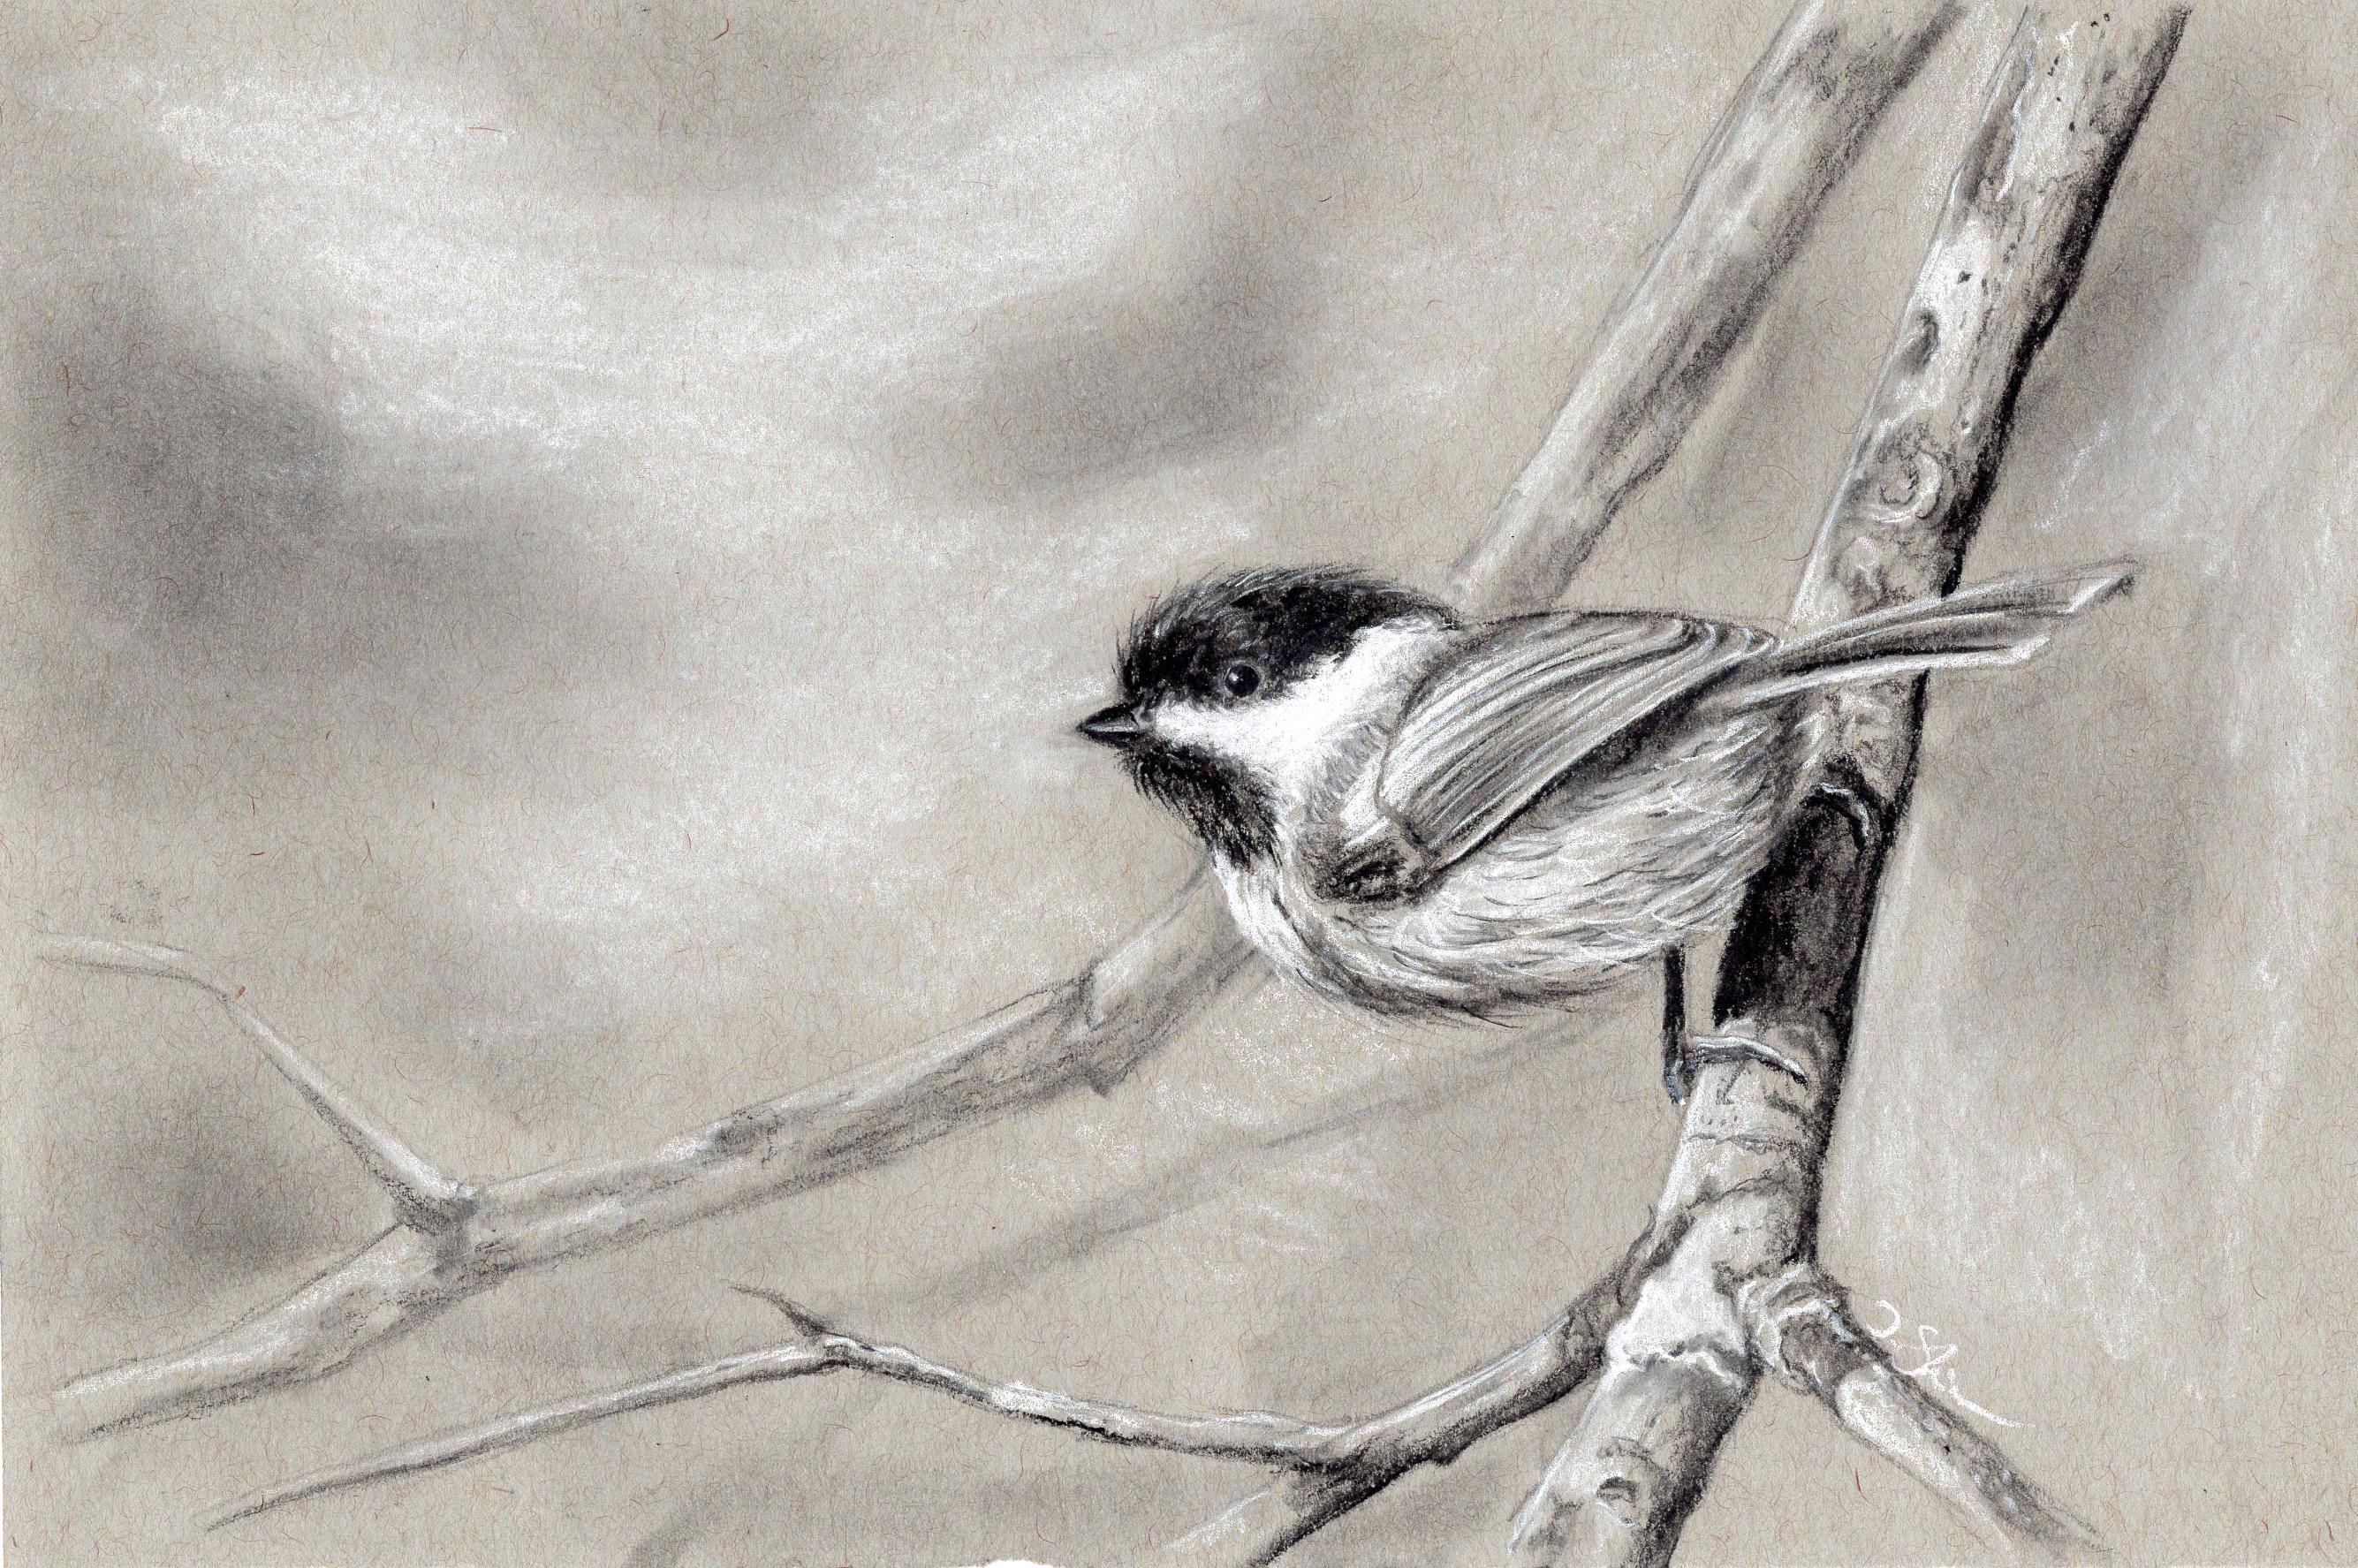 Tree-Chickadee